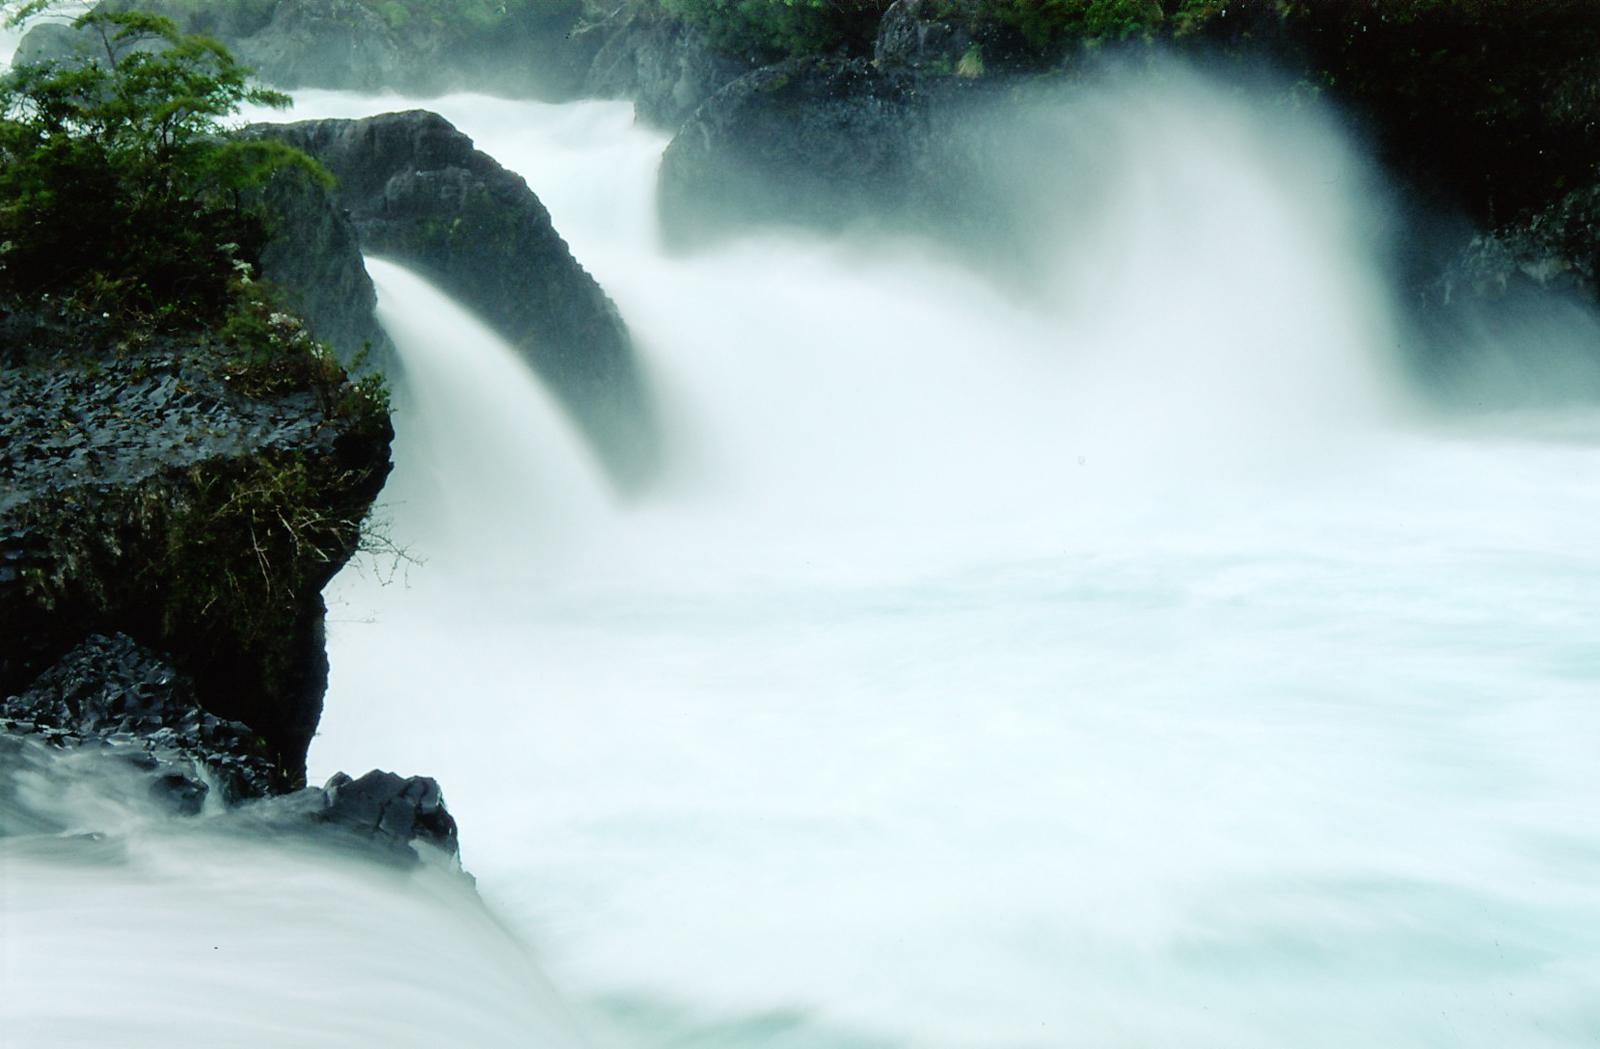 Petrohue Falls at Petrohue National Park Chile